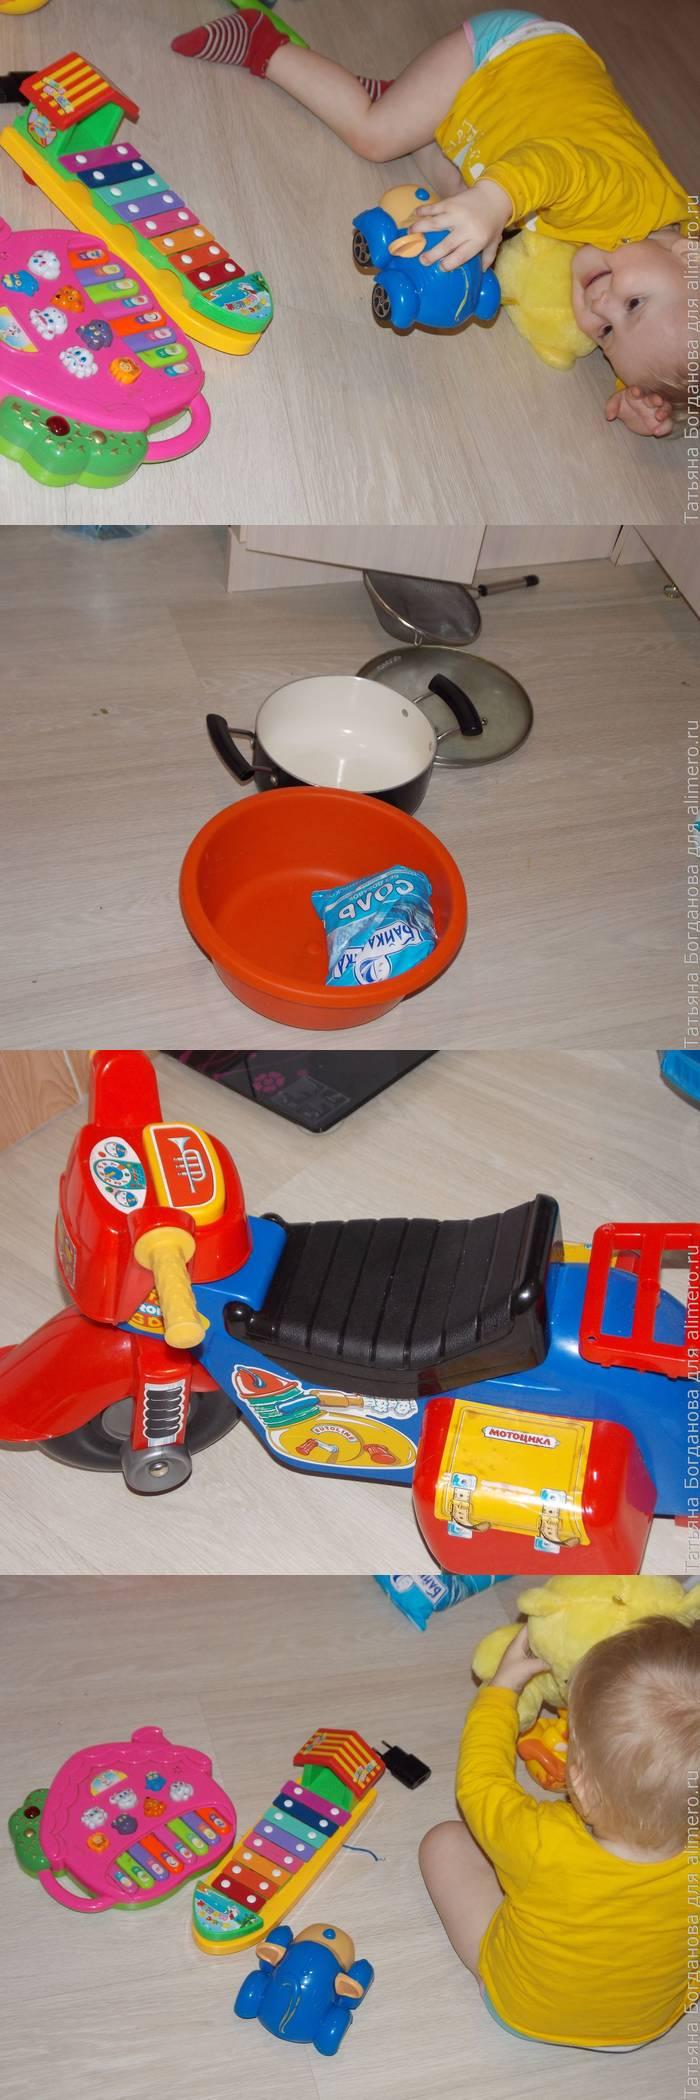 Игрушки для ребенка в 1,5 года